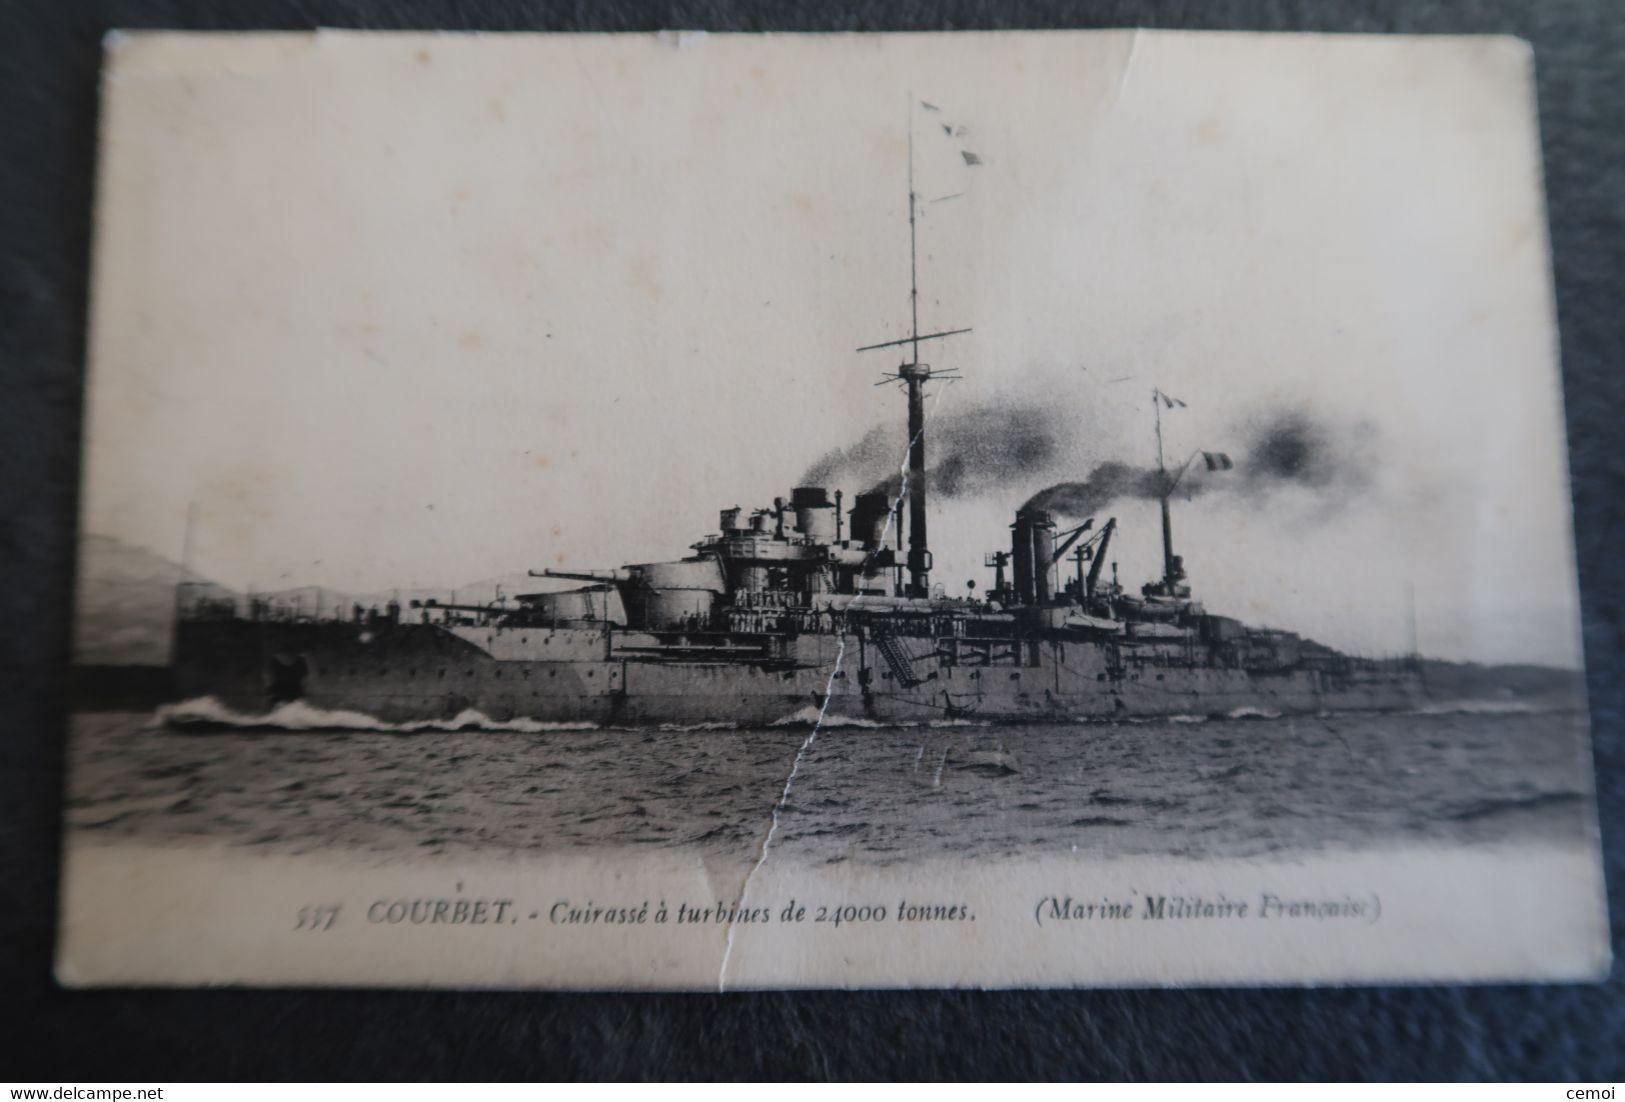 CPA - COURBET - Cuirassé à Turbines De 24000 Tonnes (Marine Militaire Française) - Guerra